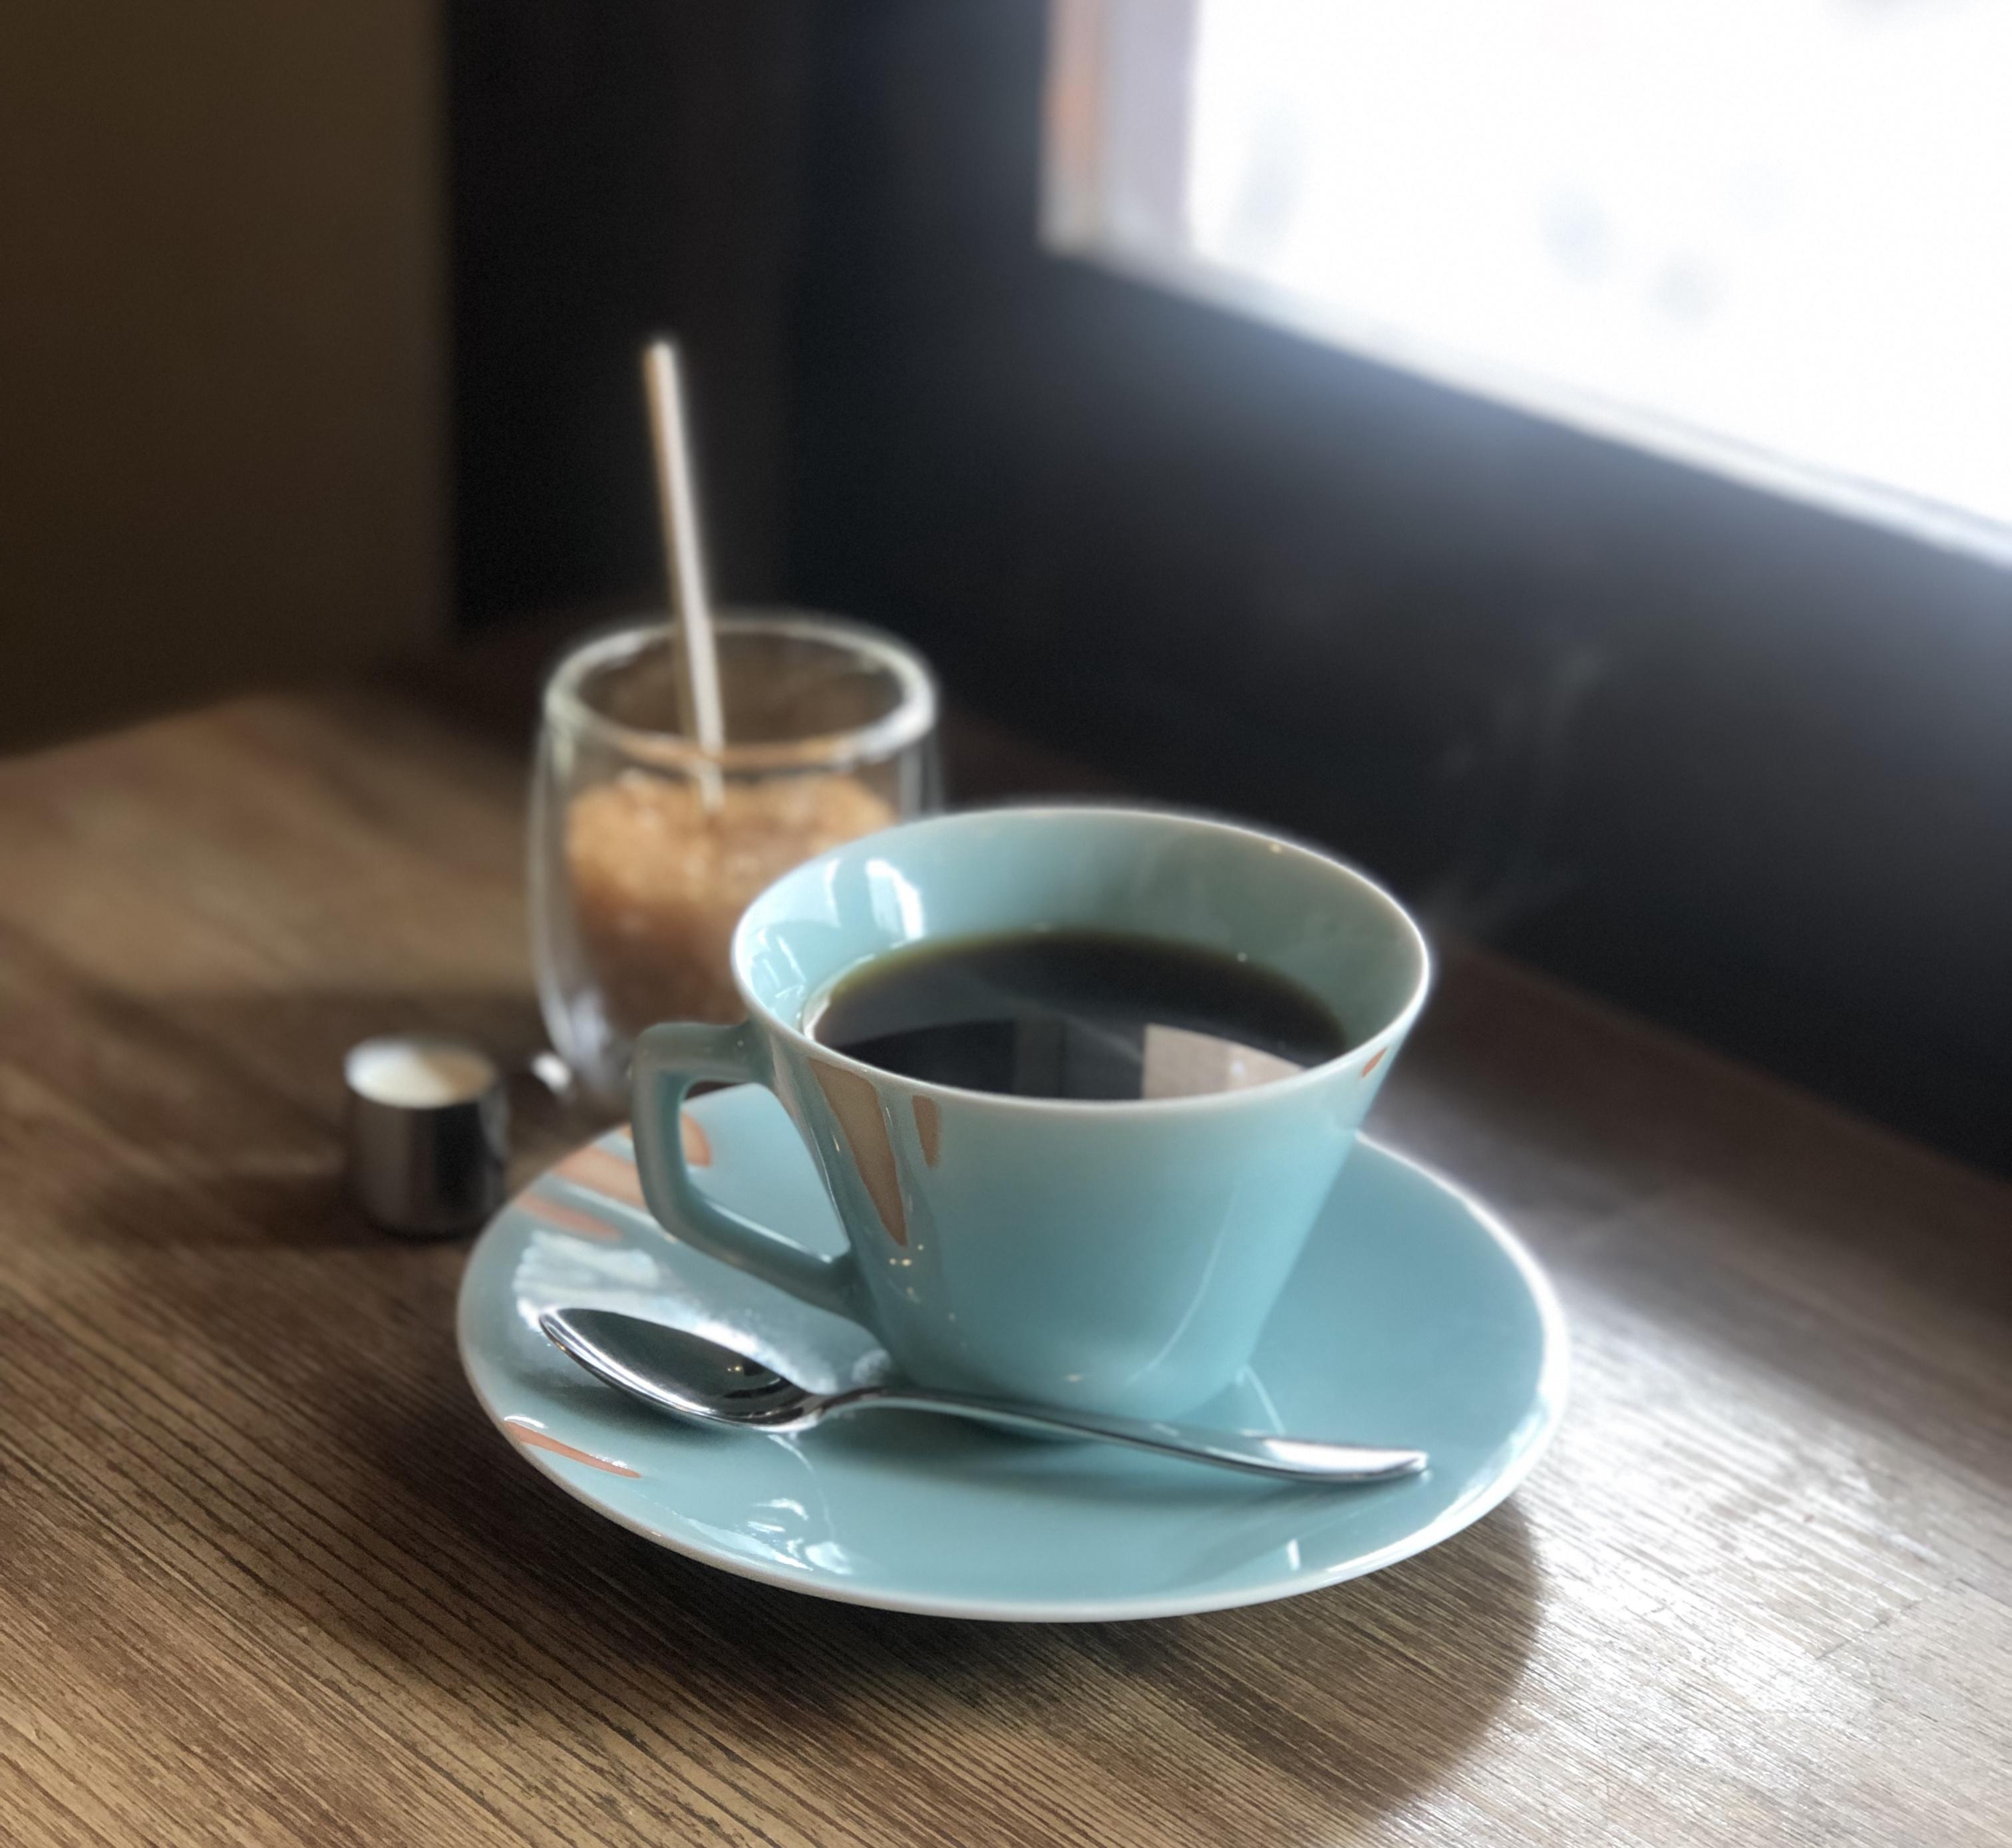 【京町家カフェの絶品フルーツサンド】市川屋珈琲さんへ行ってきました!_1